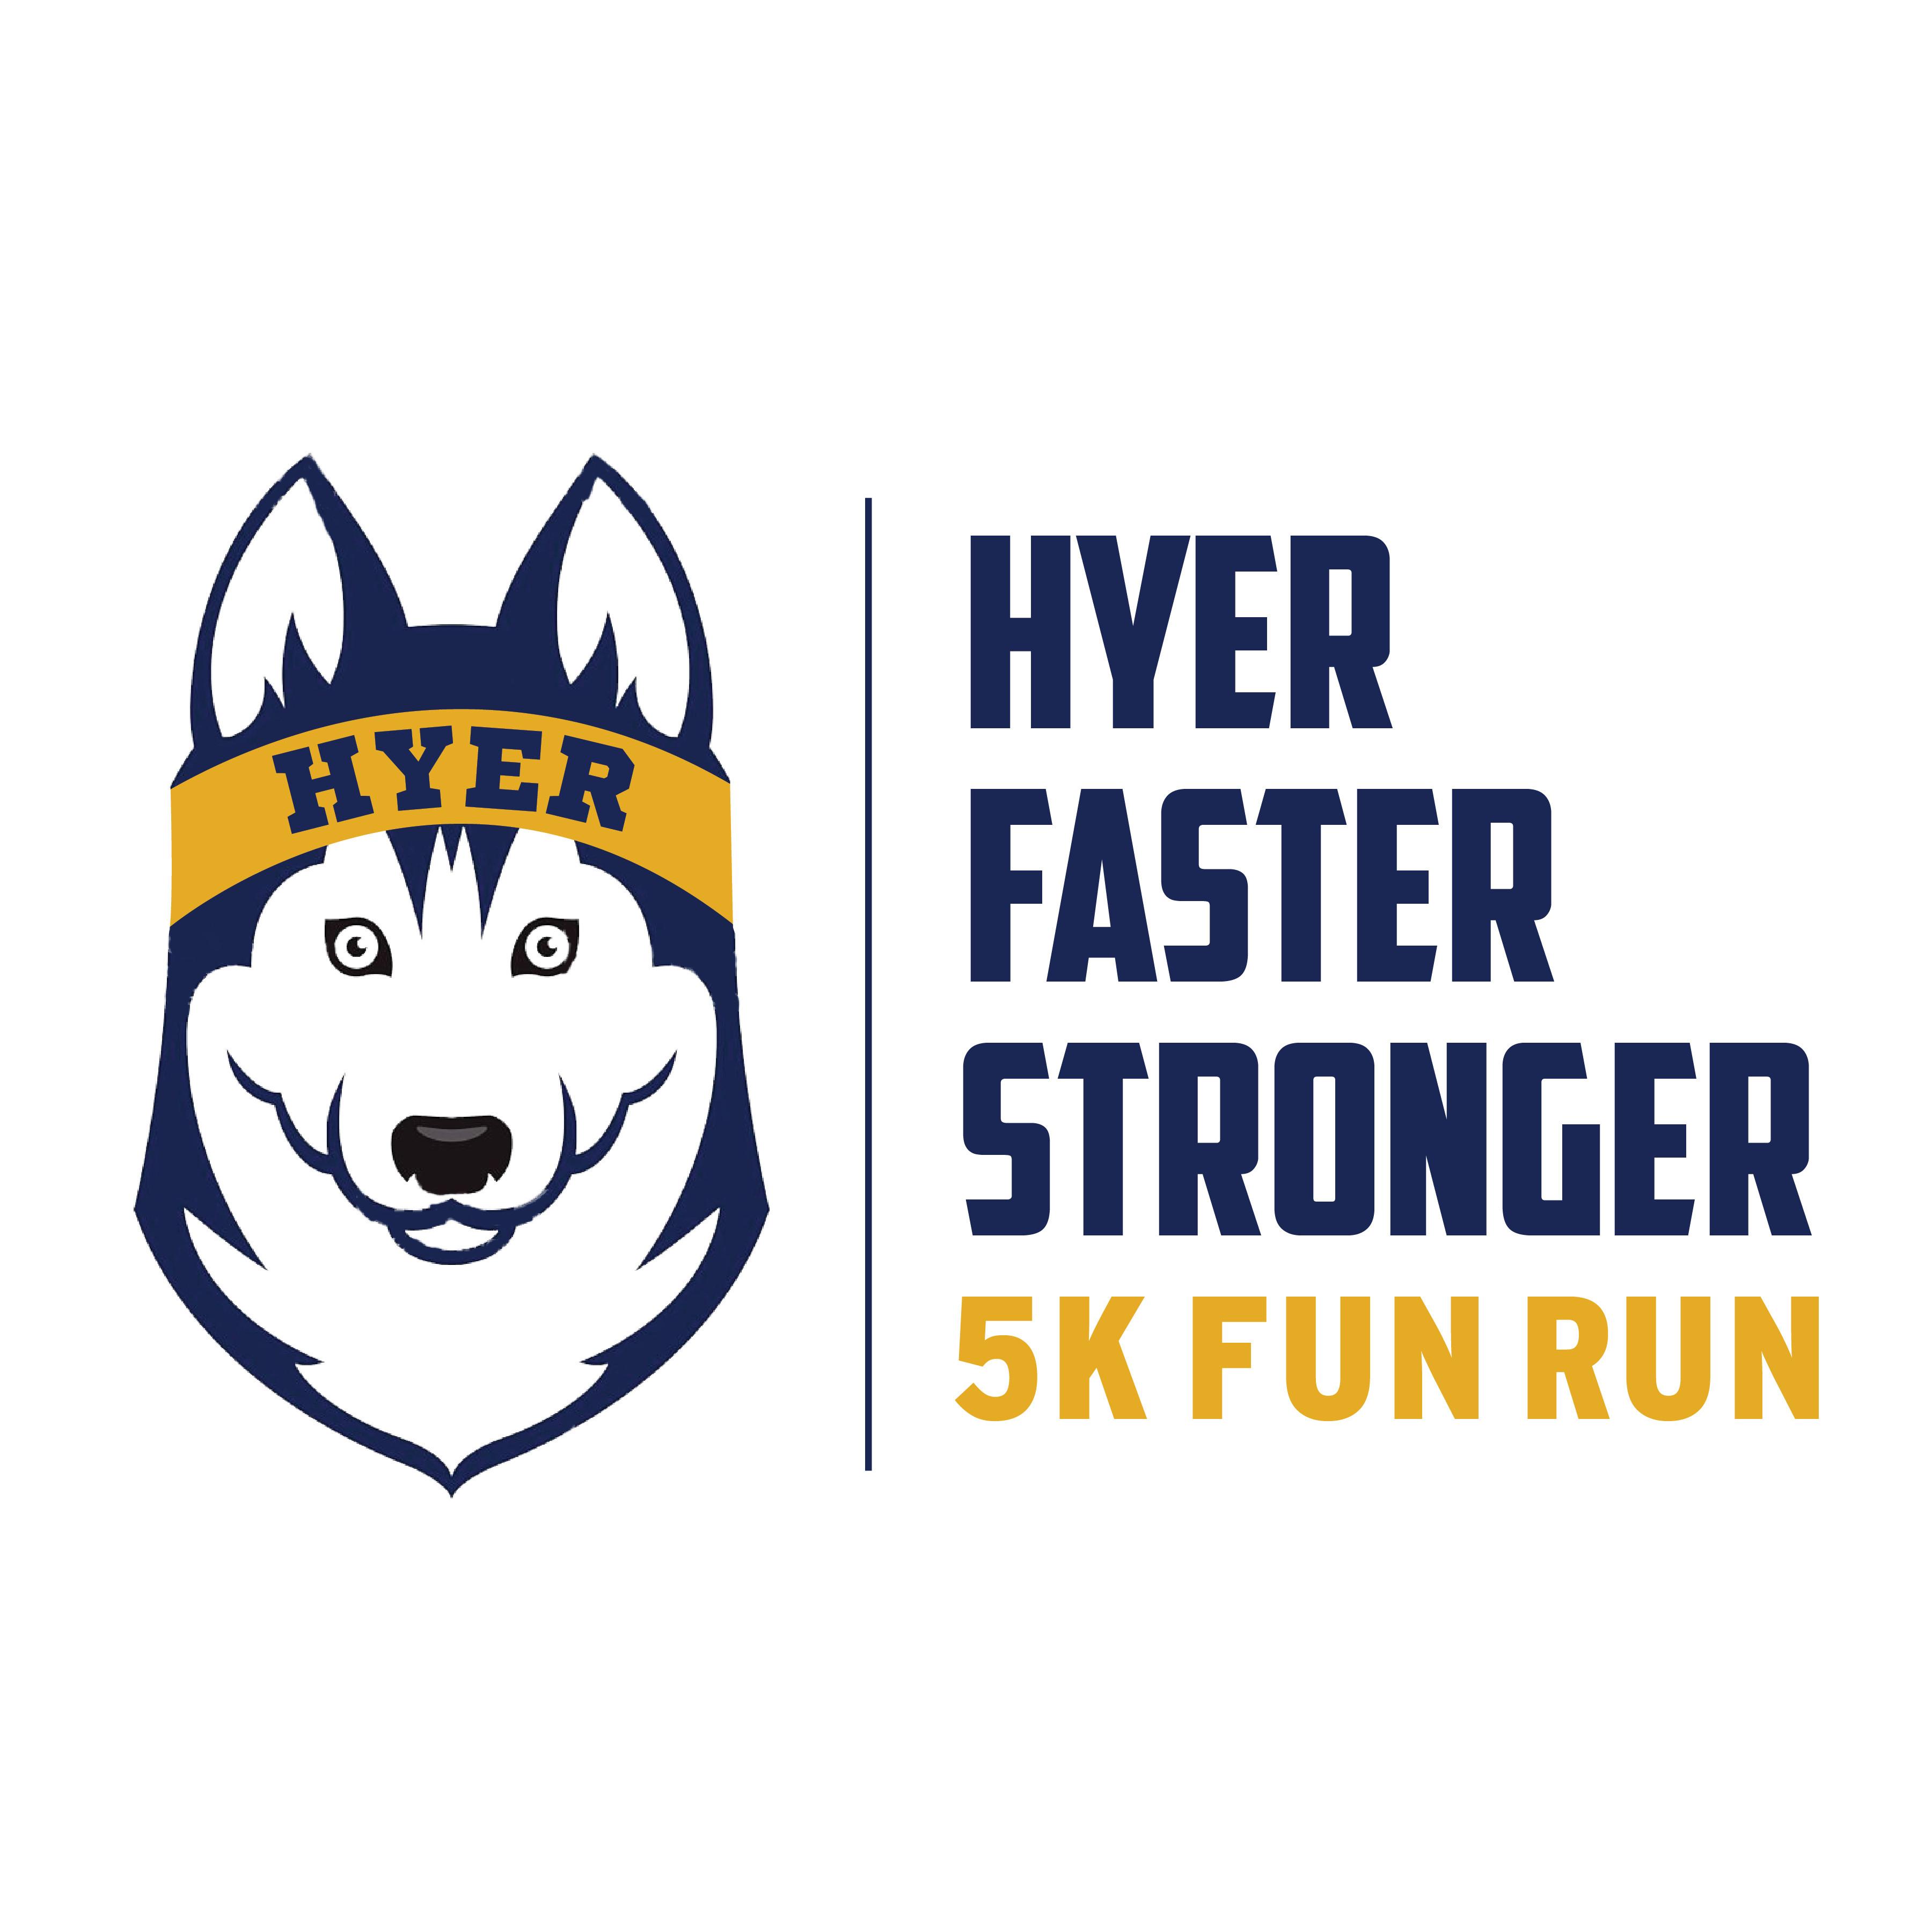 Hyer Faster Stronger 5K